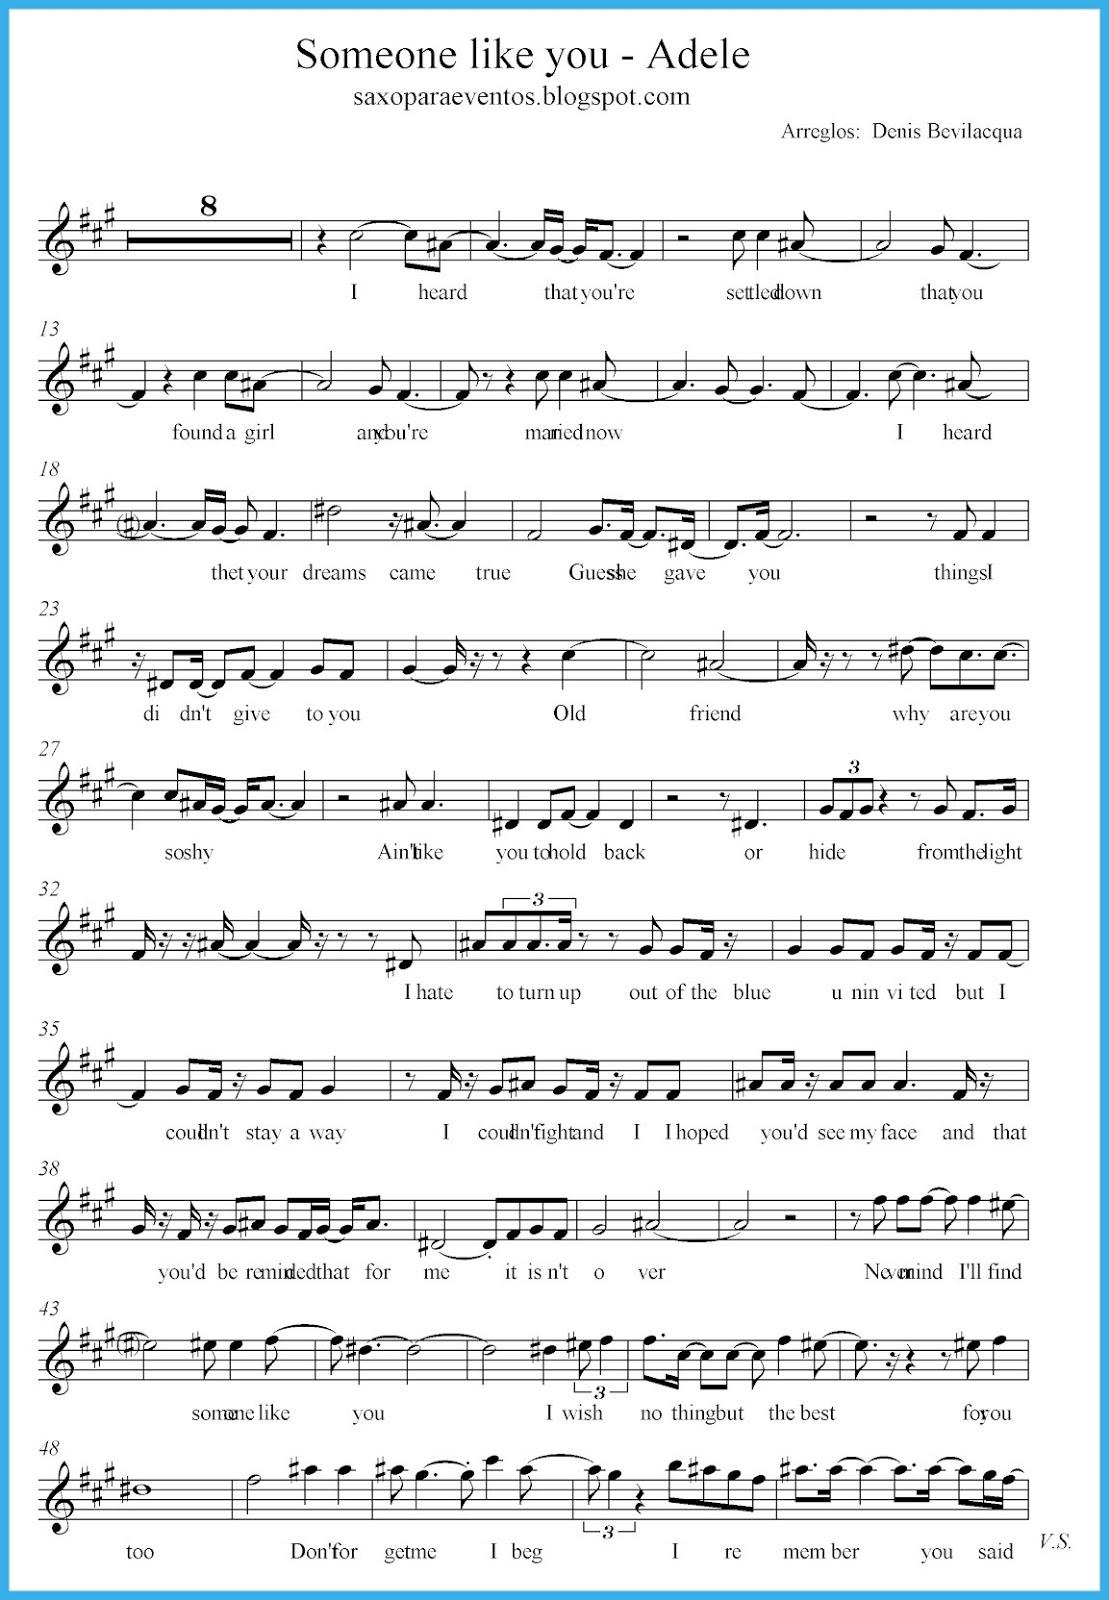 Someone Like You - Adele Score And Track (Sheet Music Free) | Free - Free Printable Sheet Music Adele Someone Like You